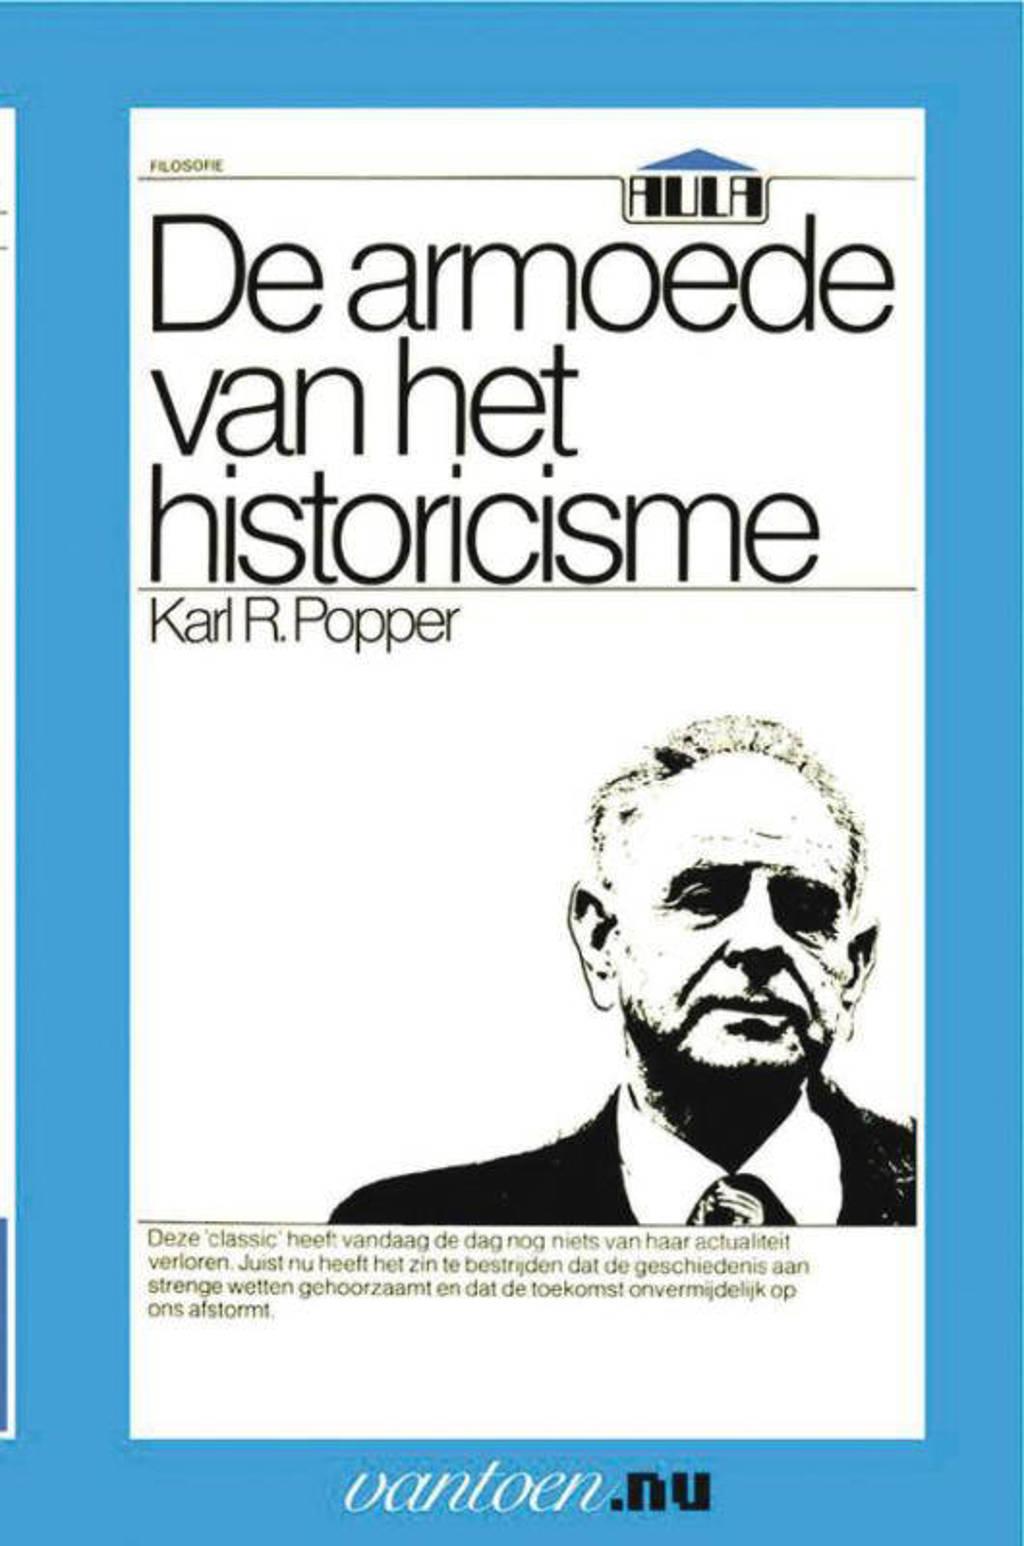 Vantoen.nu: Armoede van het historicisme - K.R. Popper